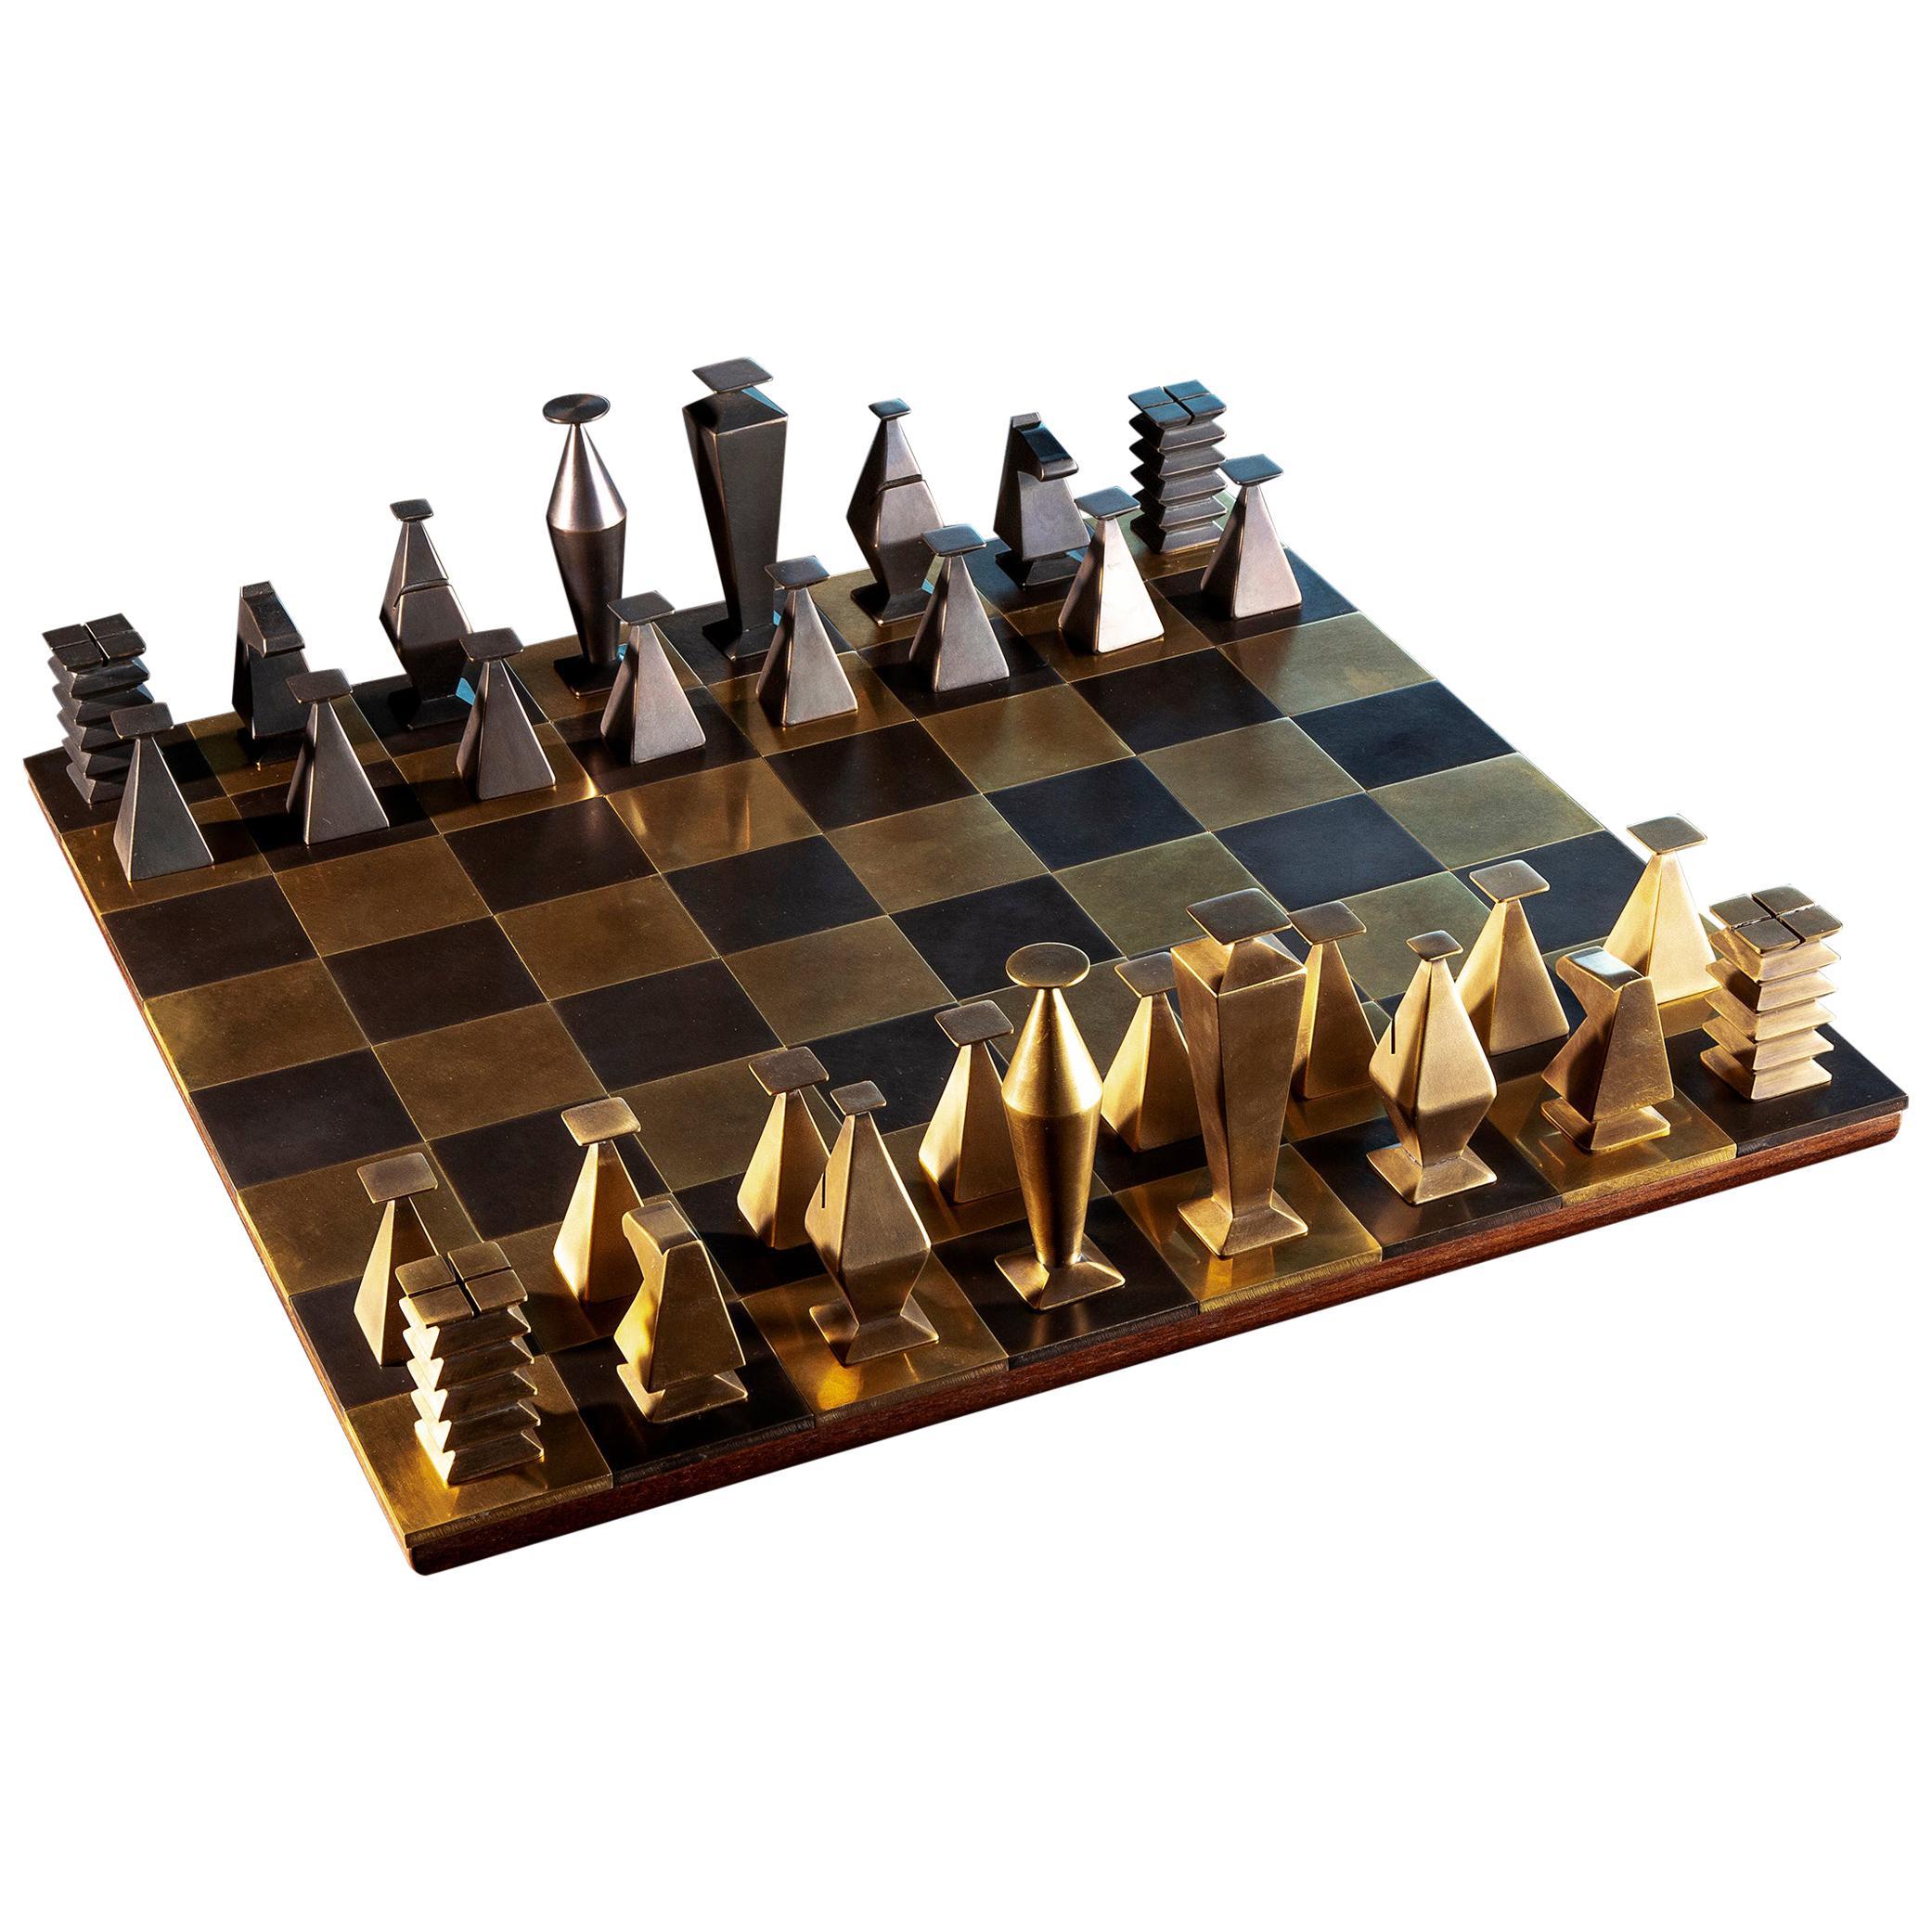 Otterburn Chess Set